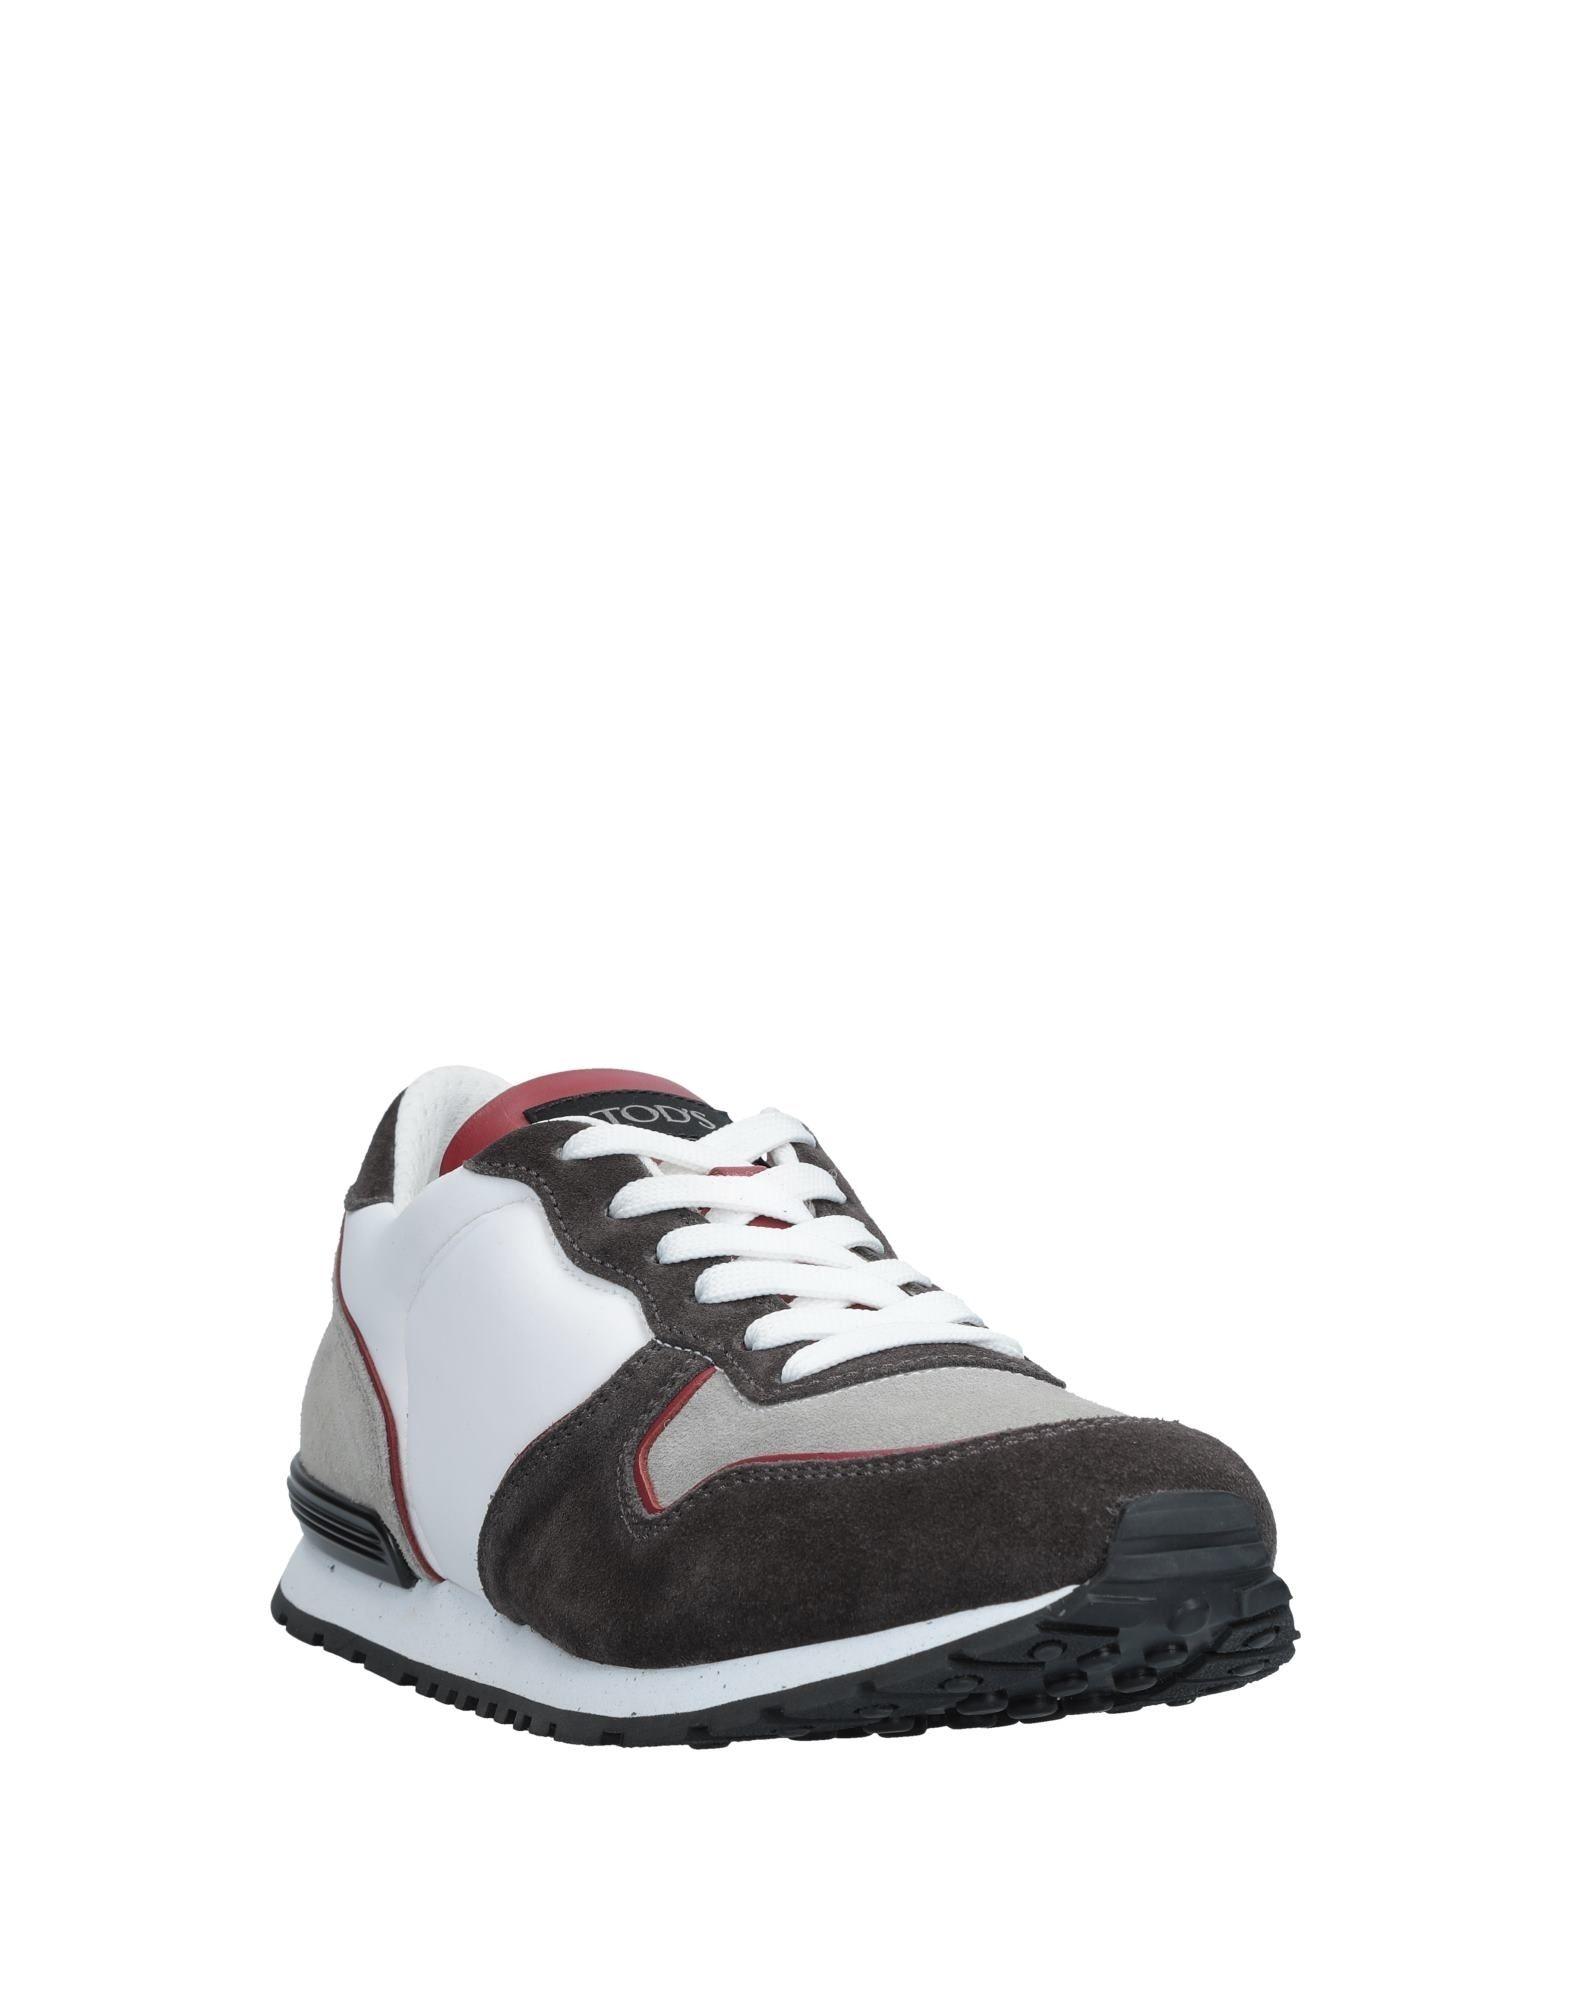 Tod's Sneakers Gute Herren  11541975WB Gute Sneakers Qualität beliebte Schuhe 62d586